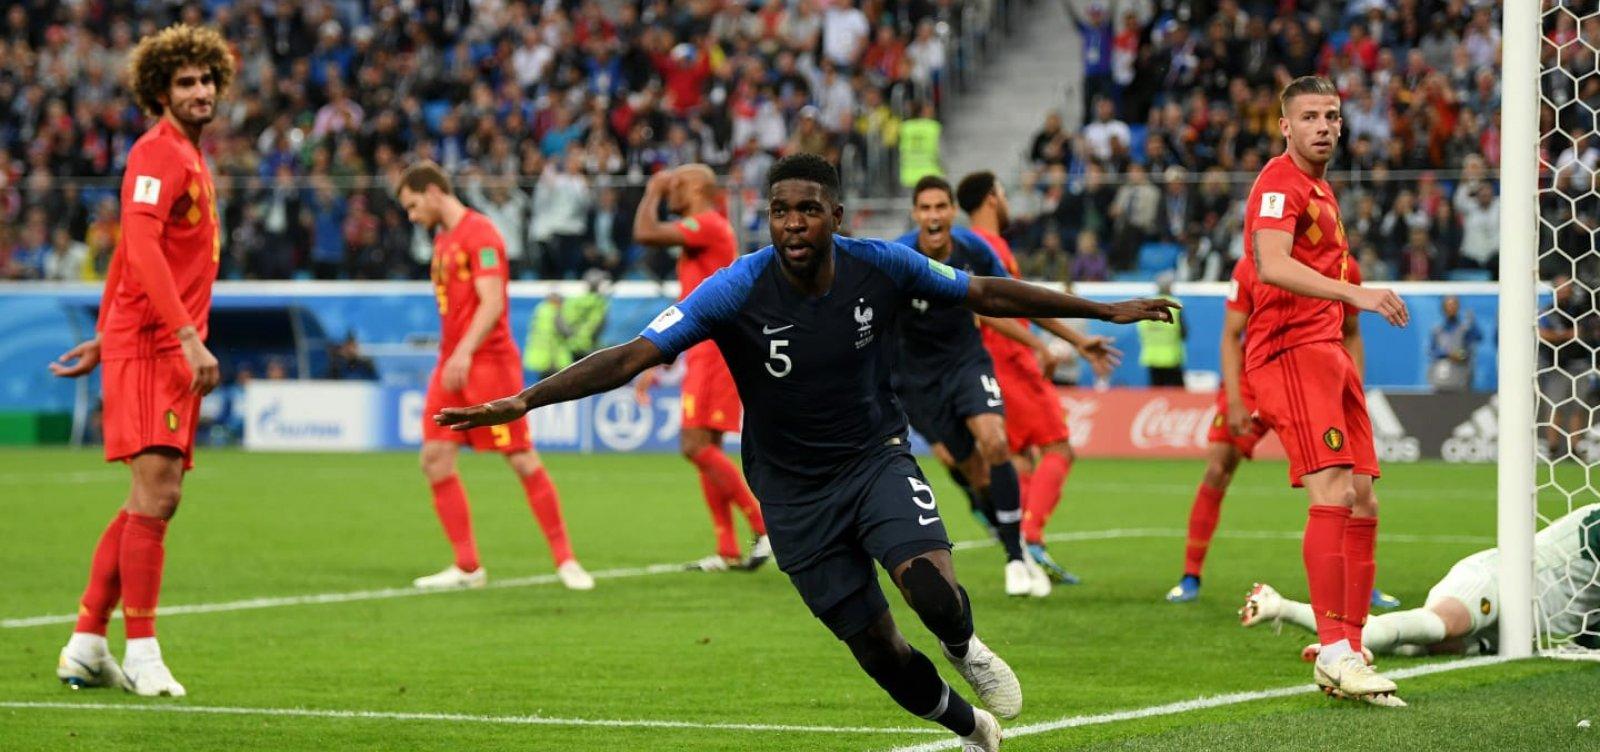 [Em busca do bi, França derrota a Bélgica e volta à final após 20 anos]